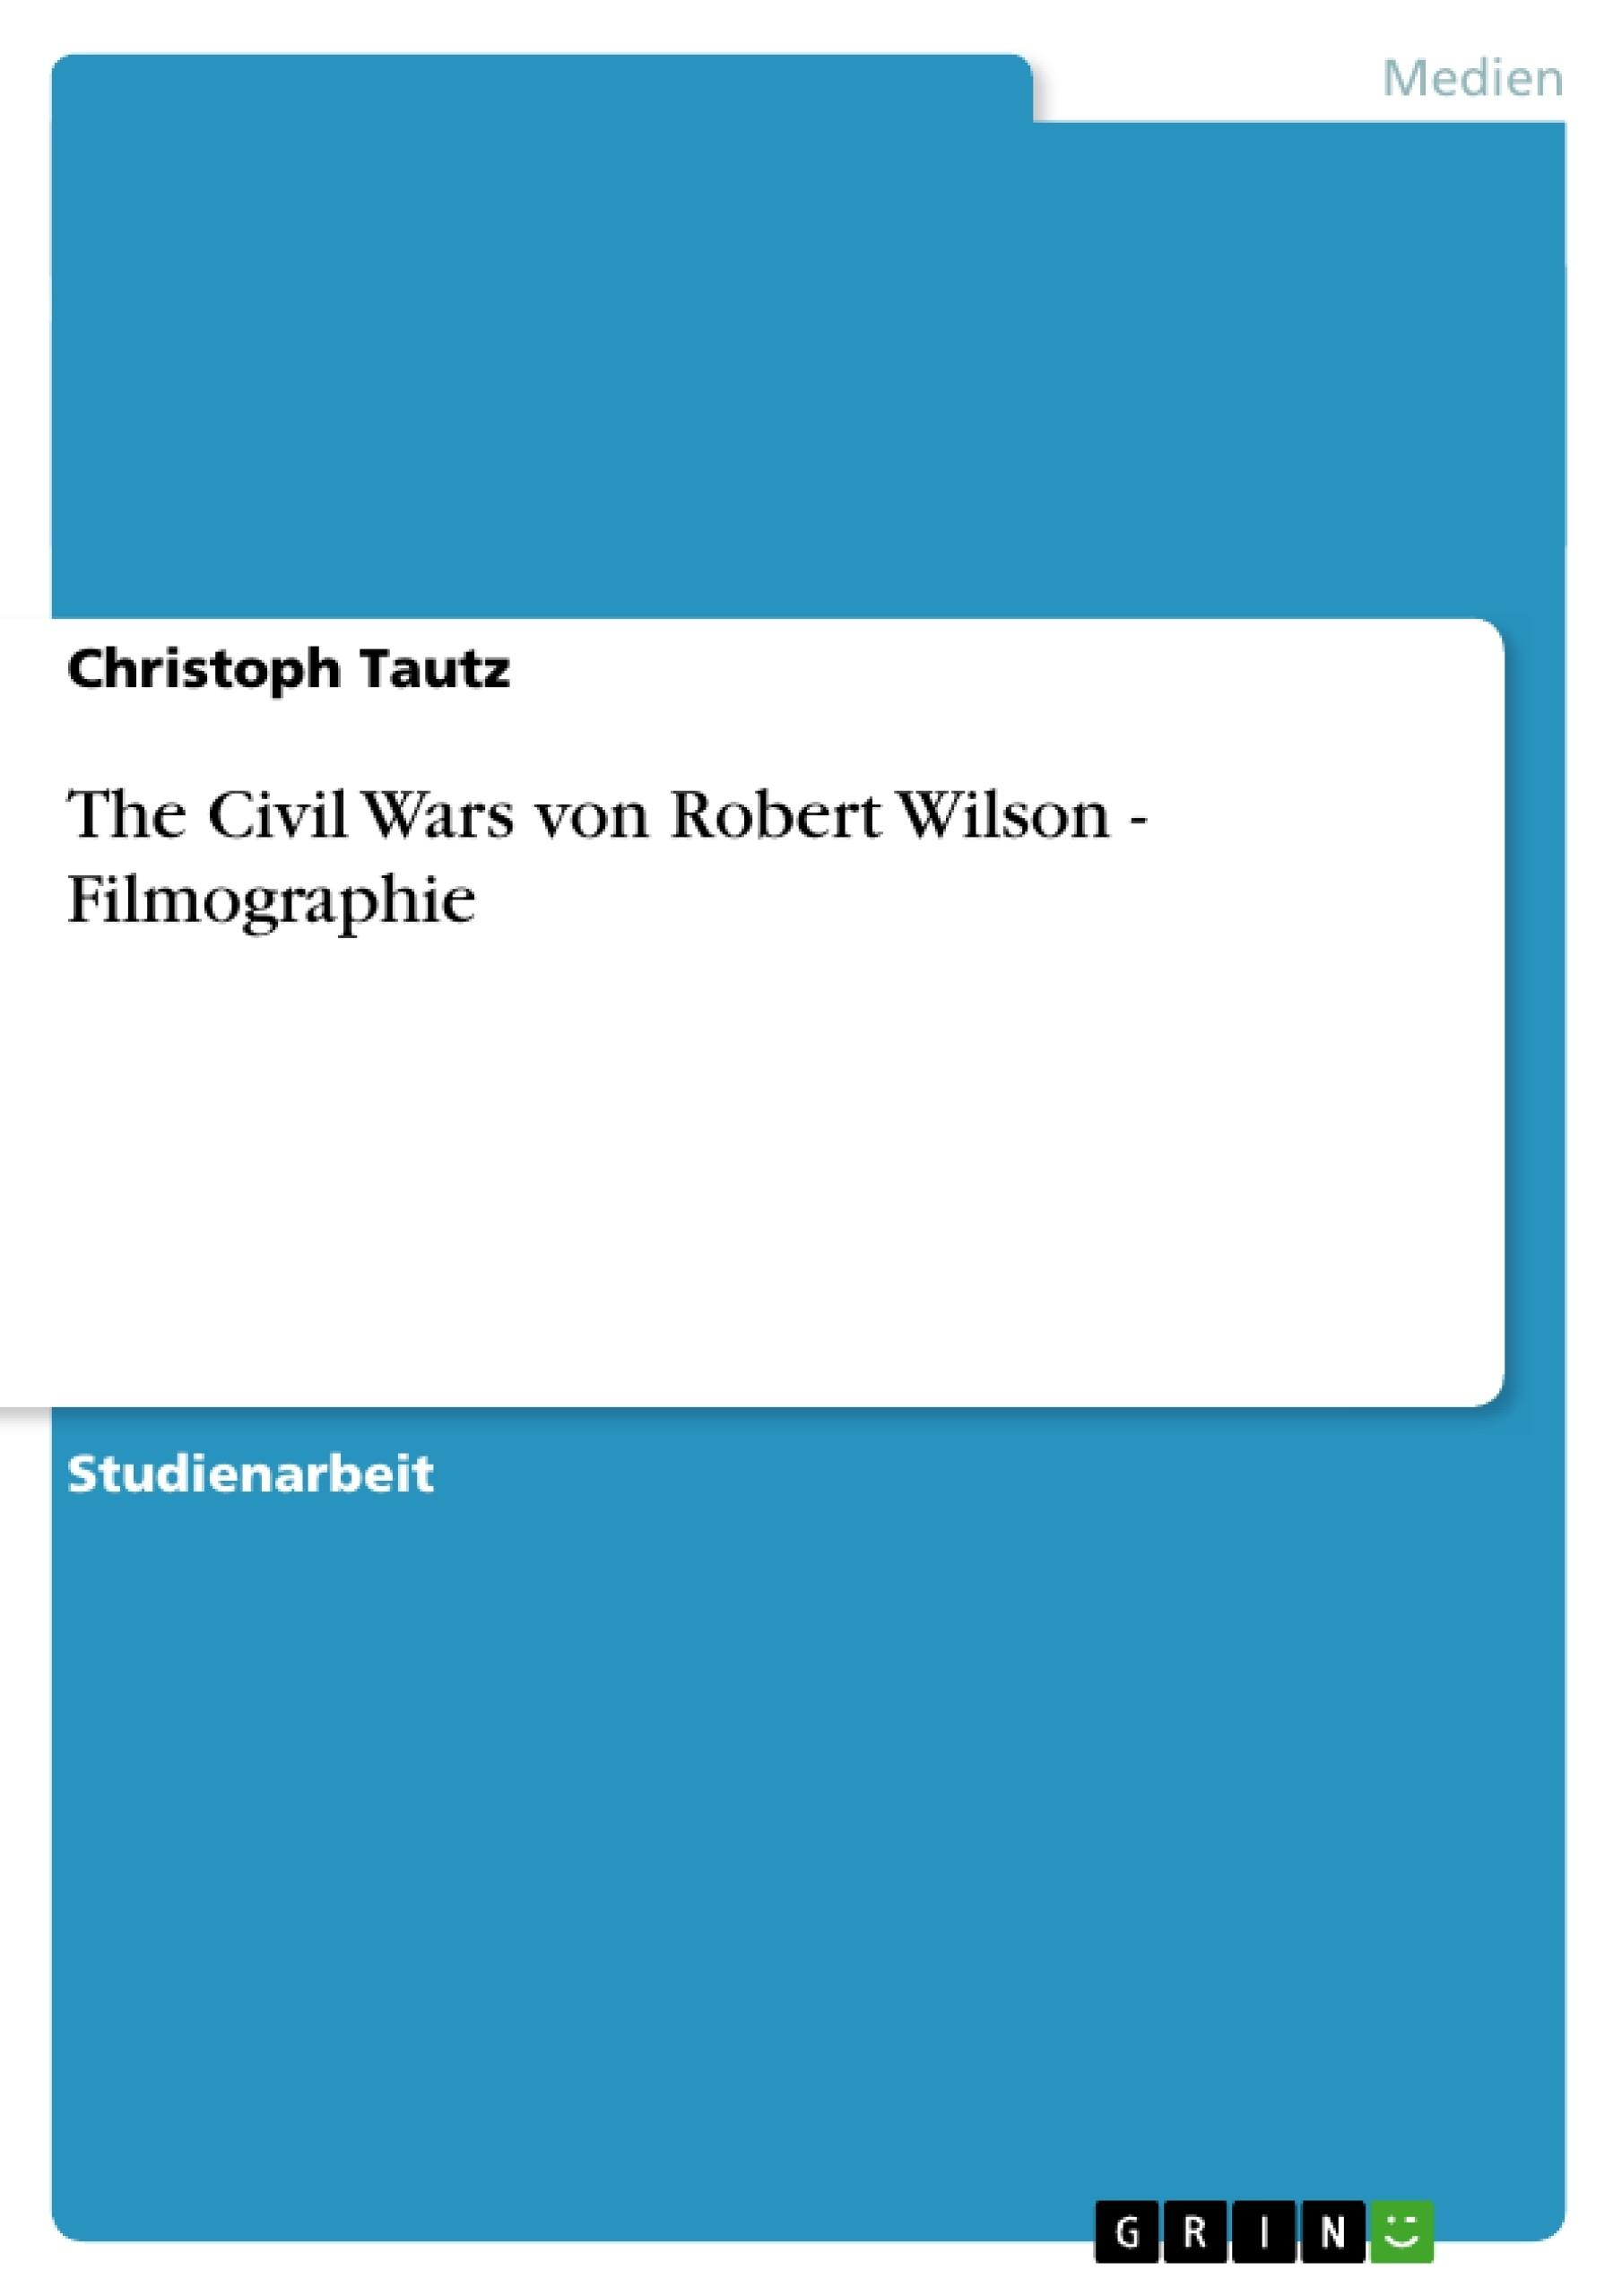 Titel: The Civil Wars von Robert Wilson - Filmographie